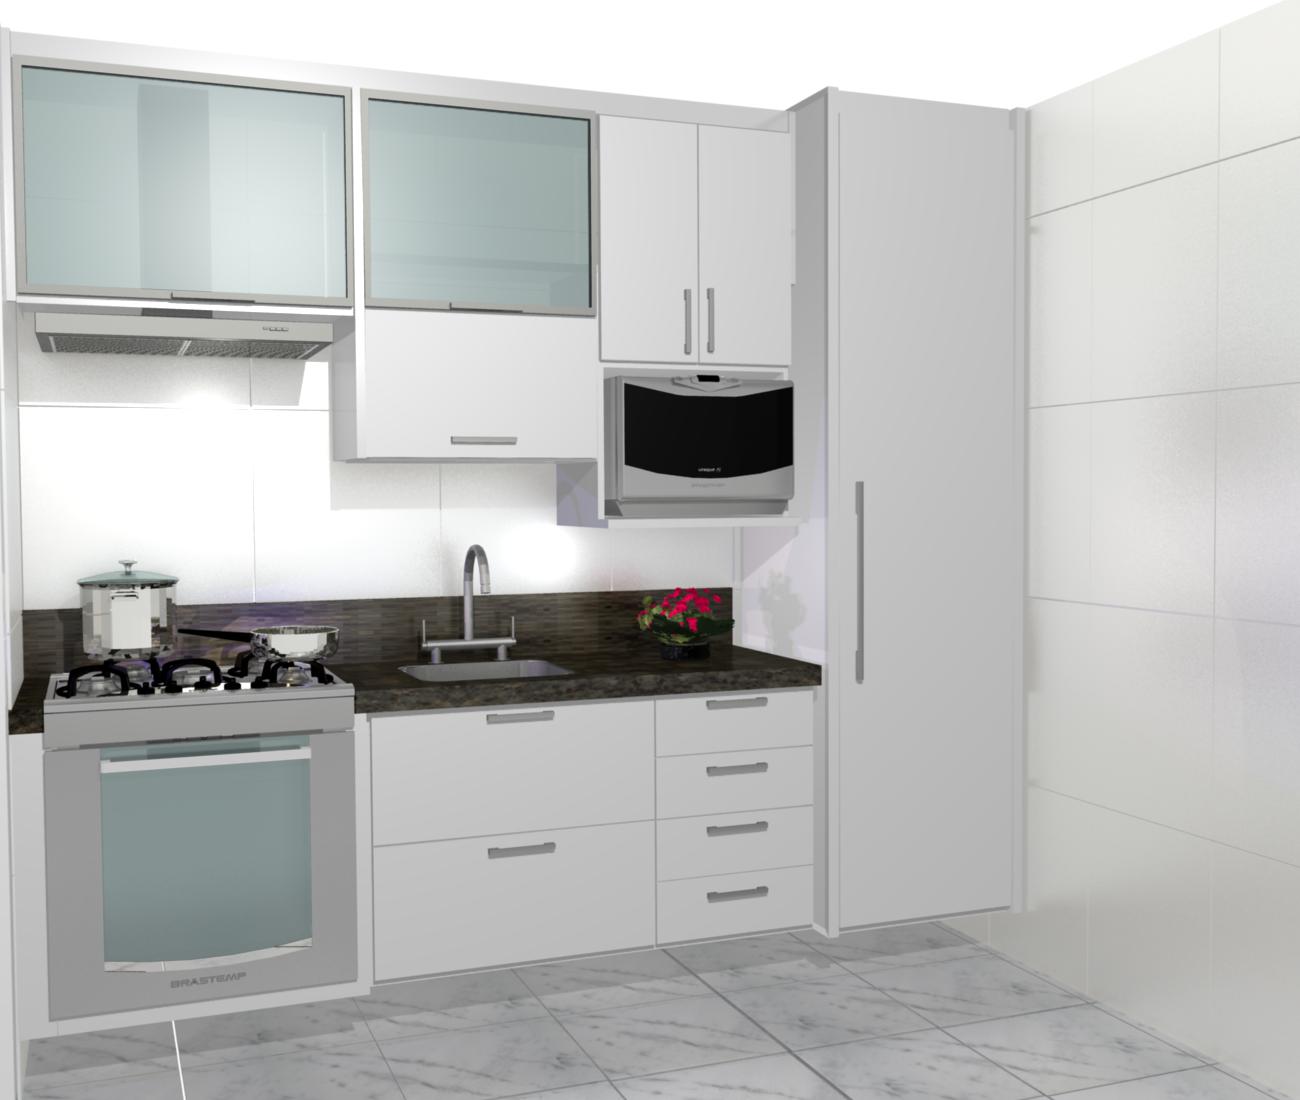 cozinha planejadas pequenas decorada americana modulada luxo moderna  #633F42 1300 1100